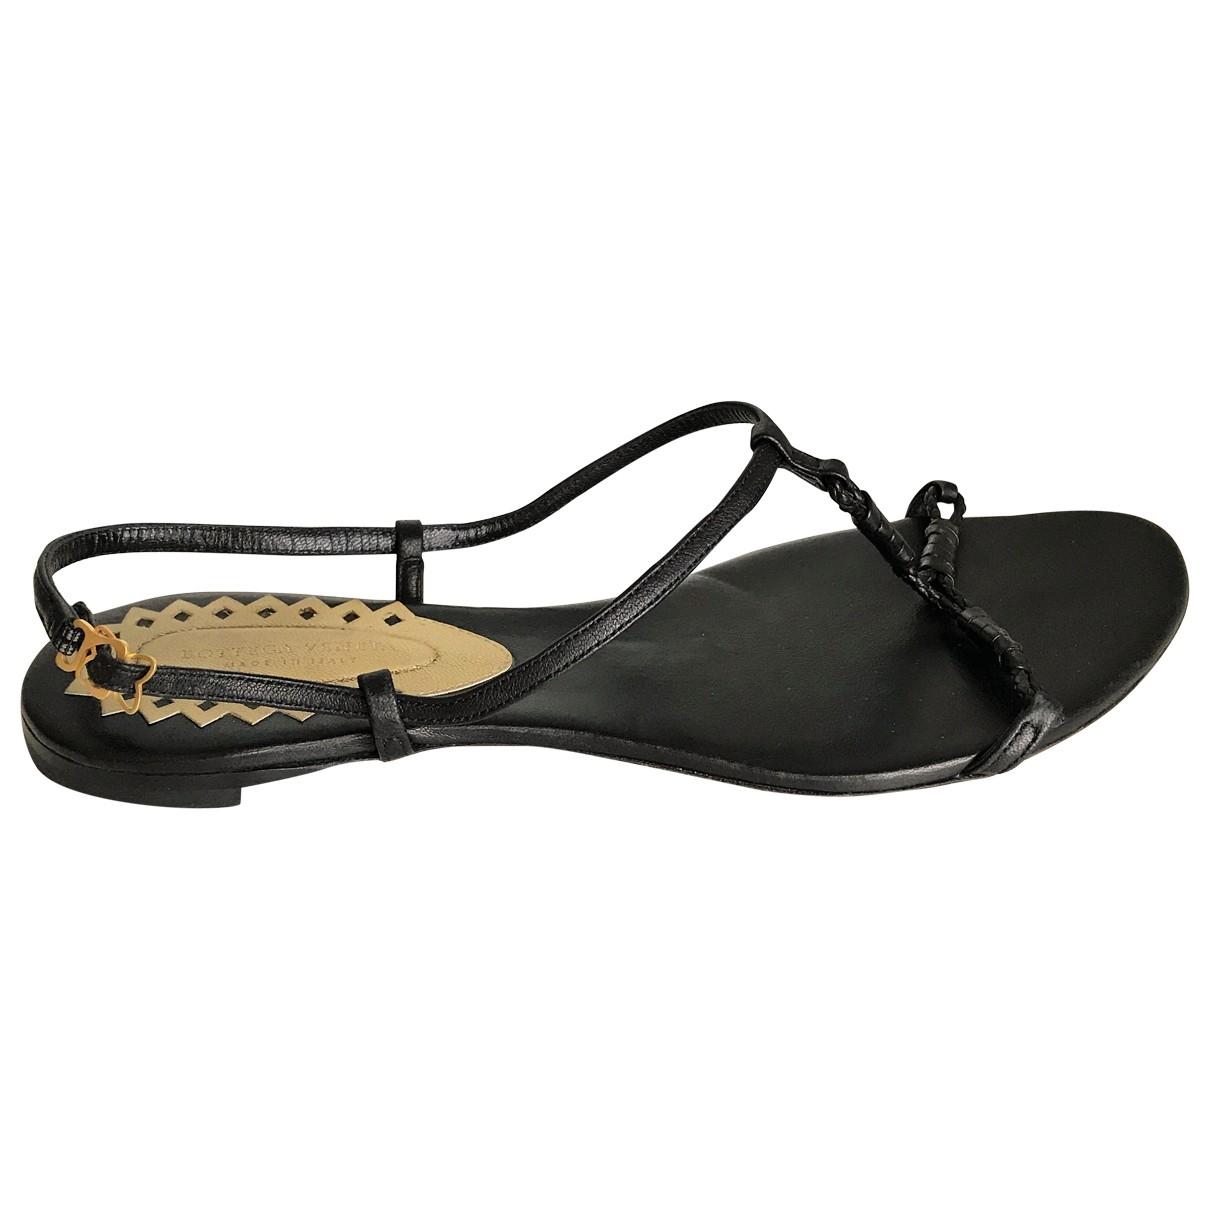 Bottega Veneta \N Black Leather Sandals for Women 37.5 EU